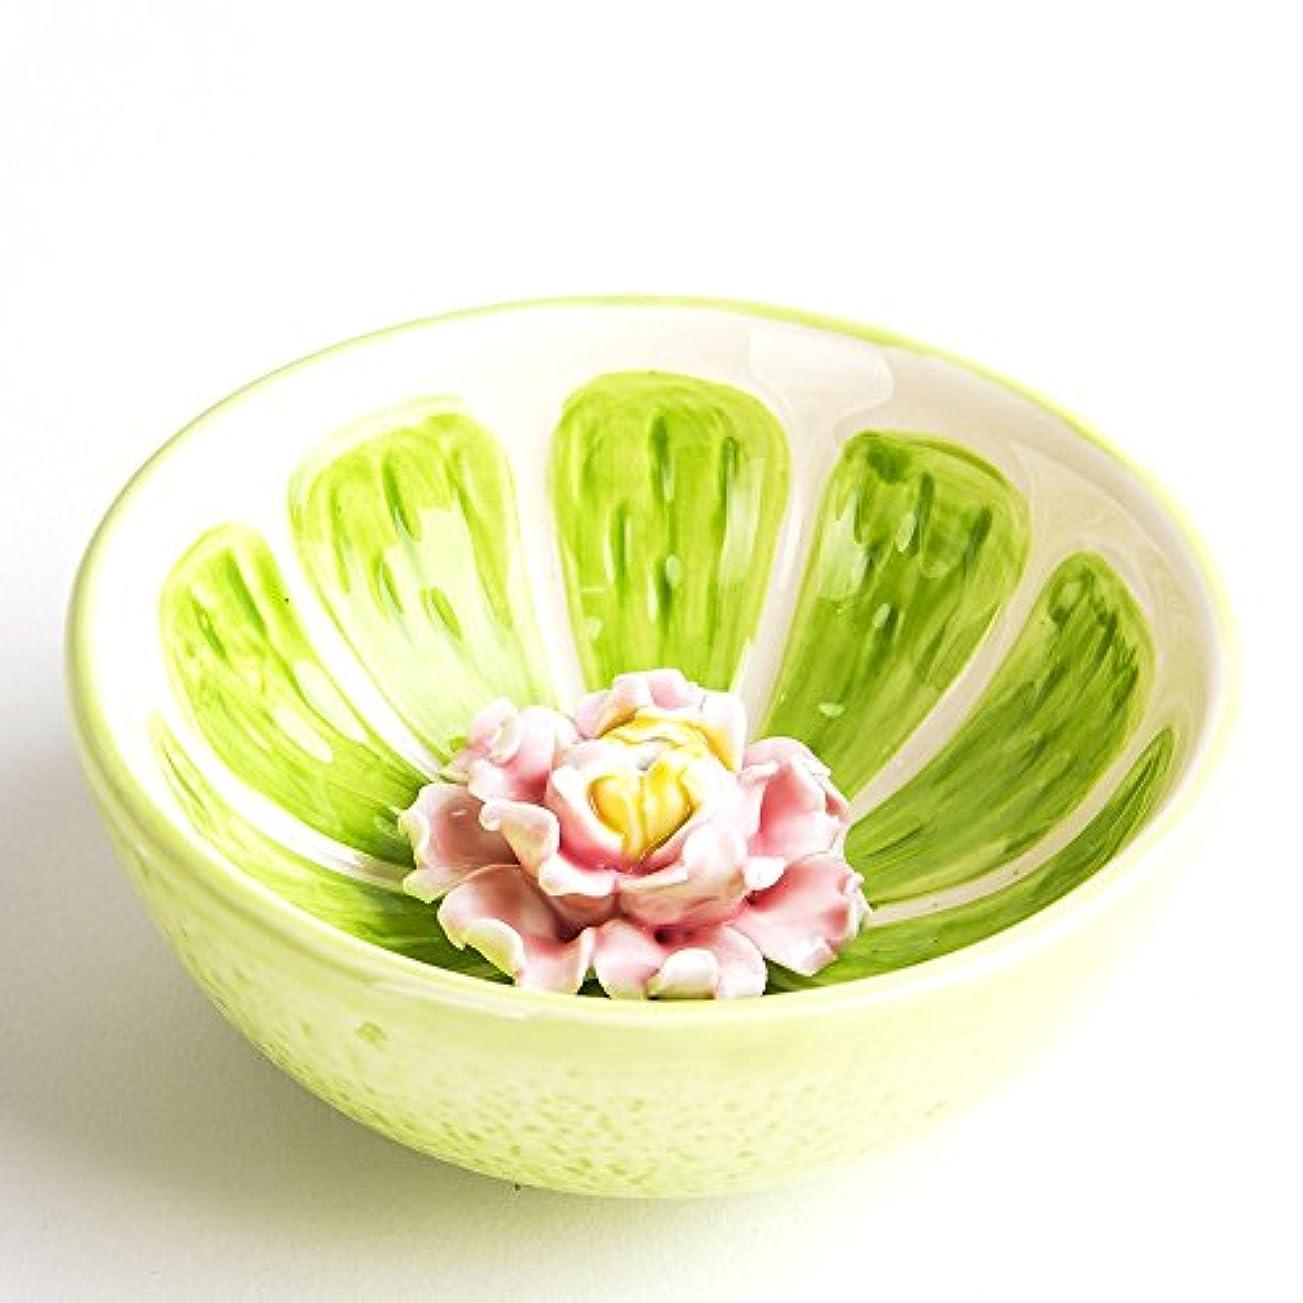 予言する効果的に原理お香立て お香たて 香の器 お香を焚いて 香皿,陶磁器、グリーン